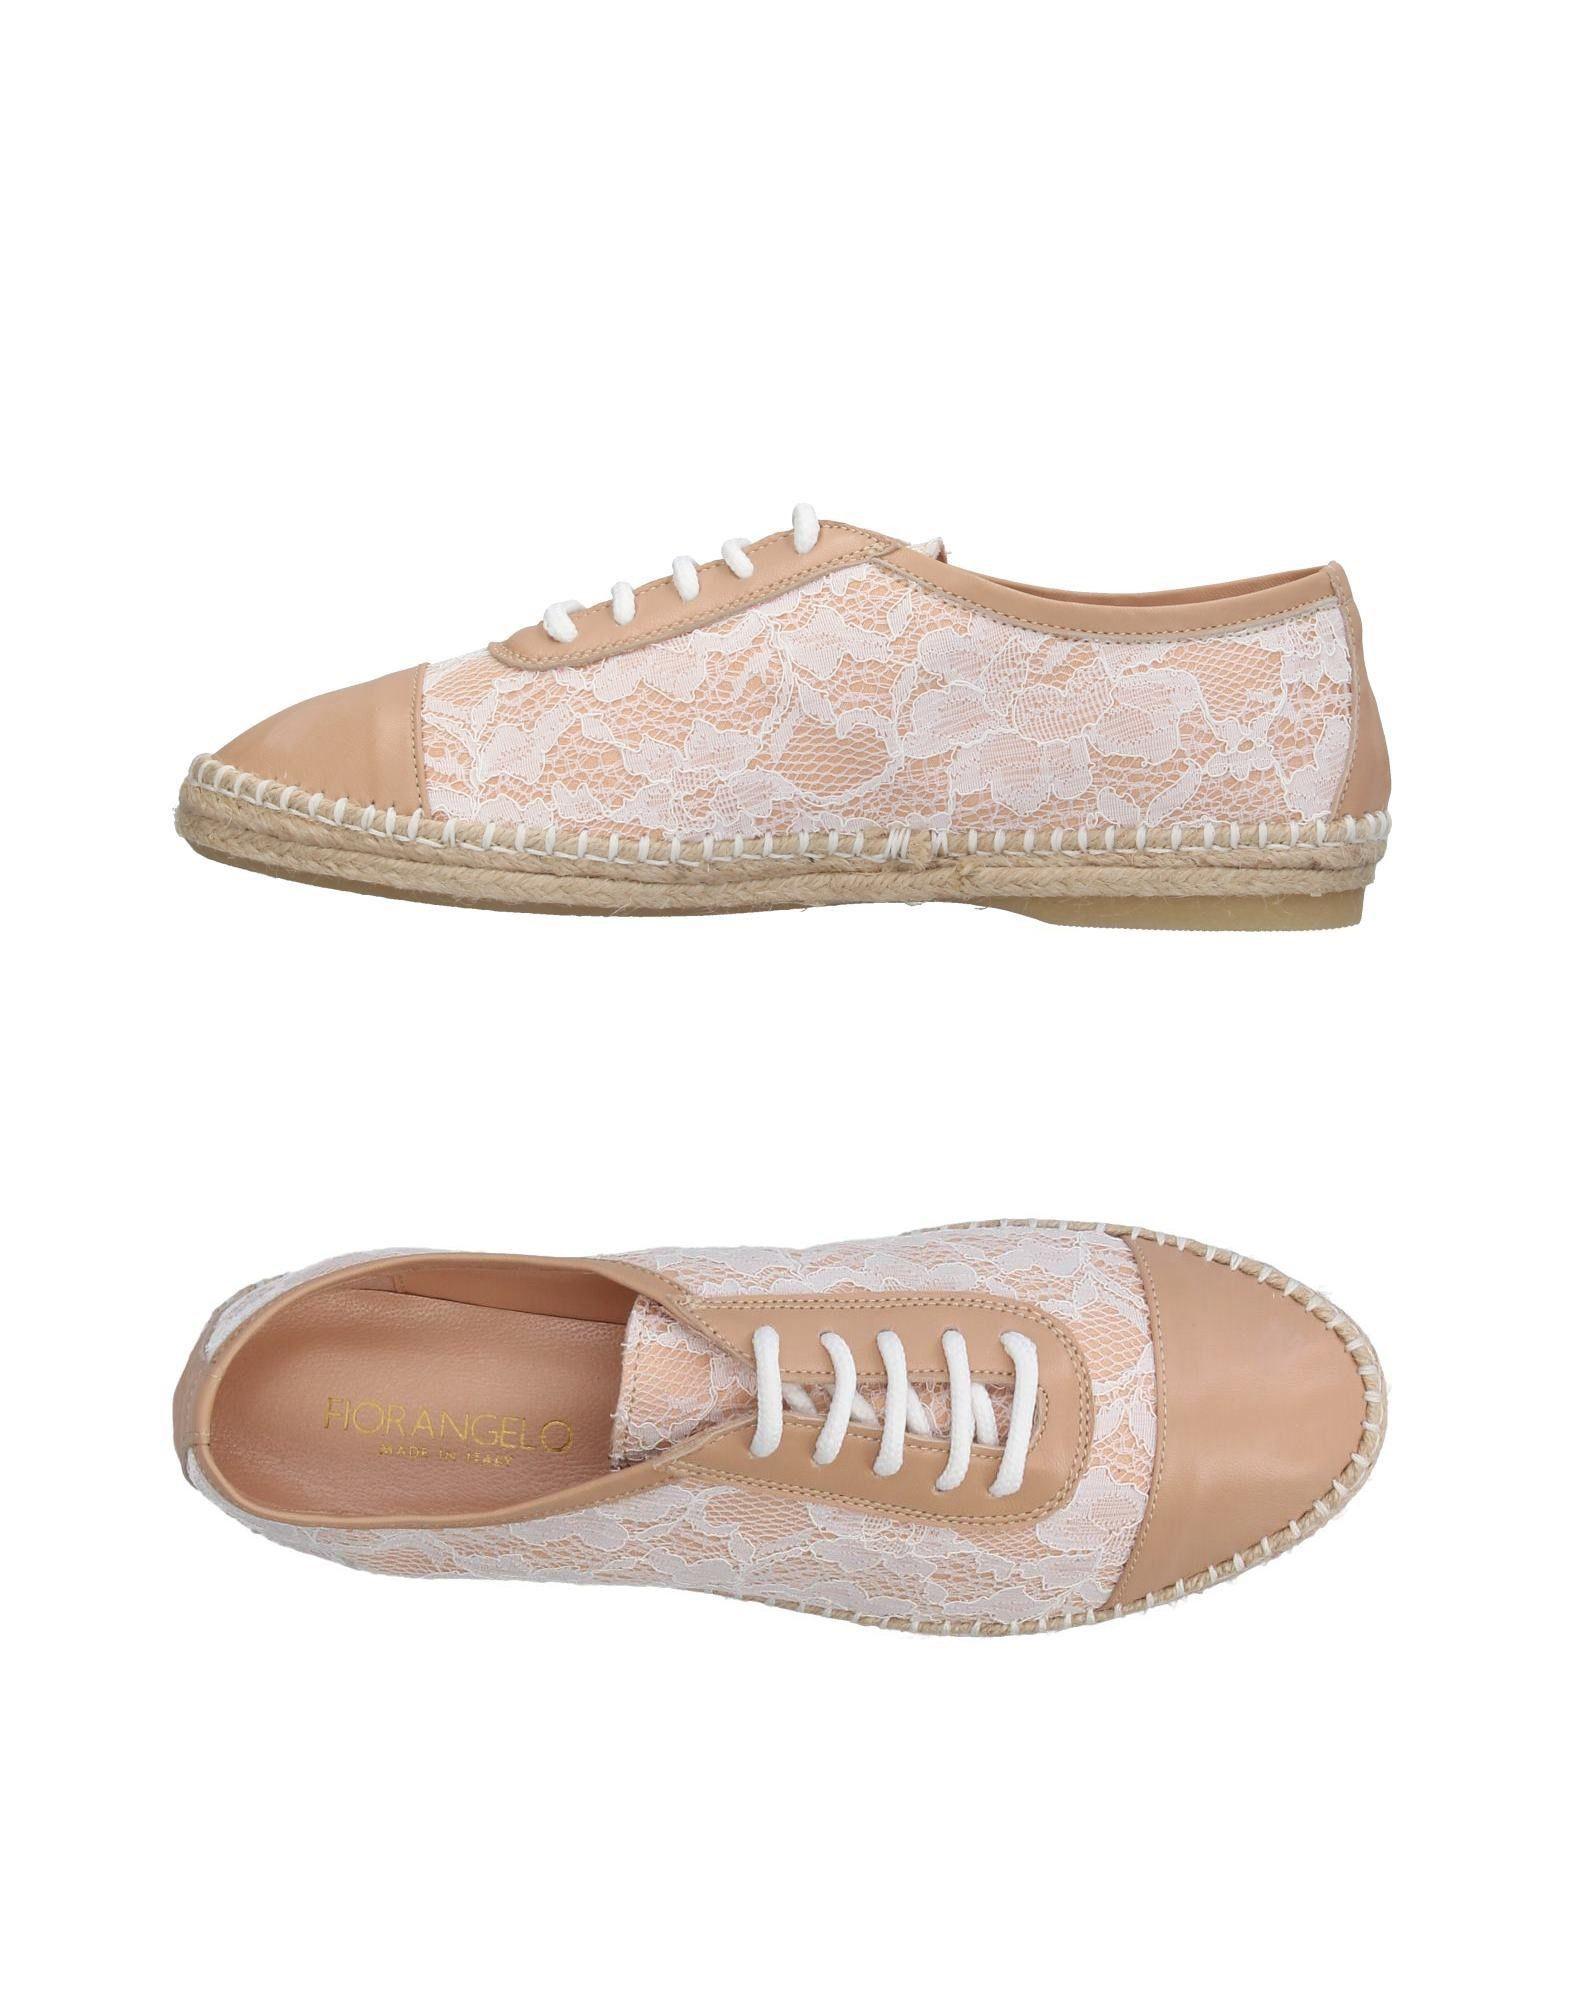 FIORANGELO Обувь на шнурках fiorangelo g16020275856